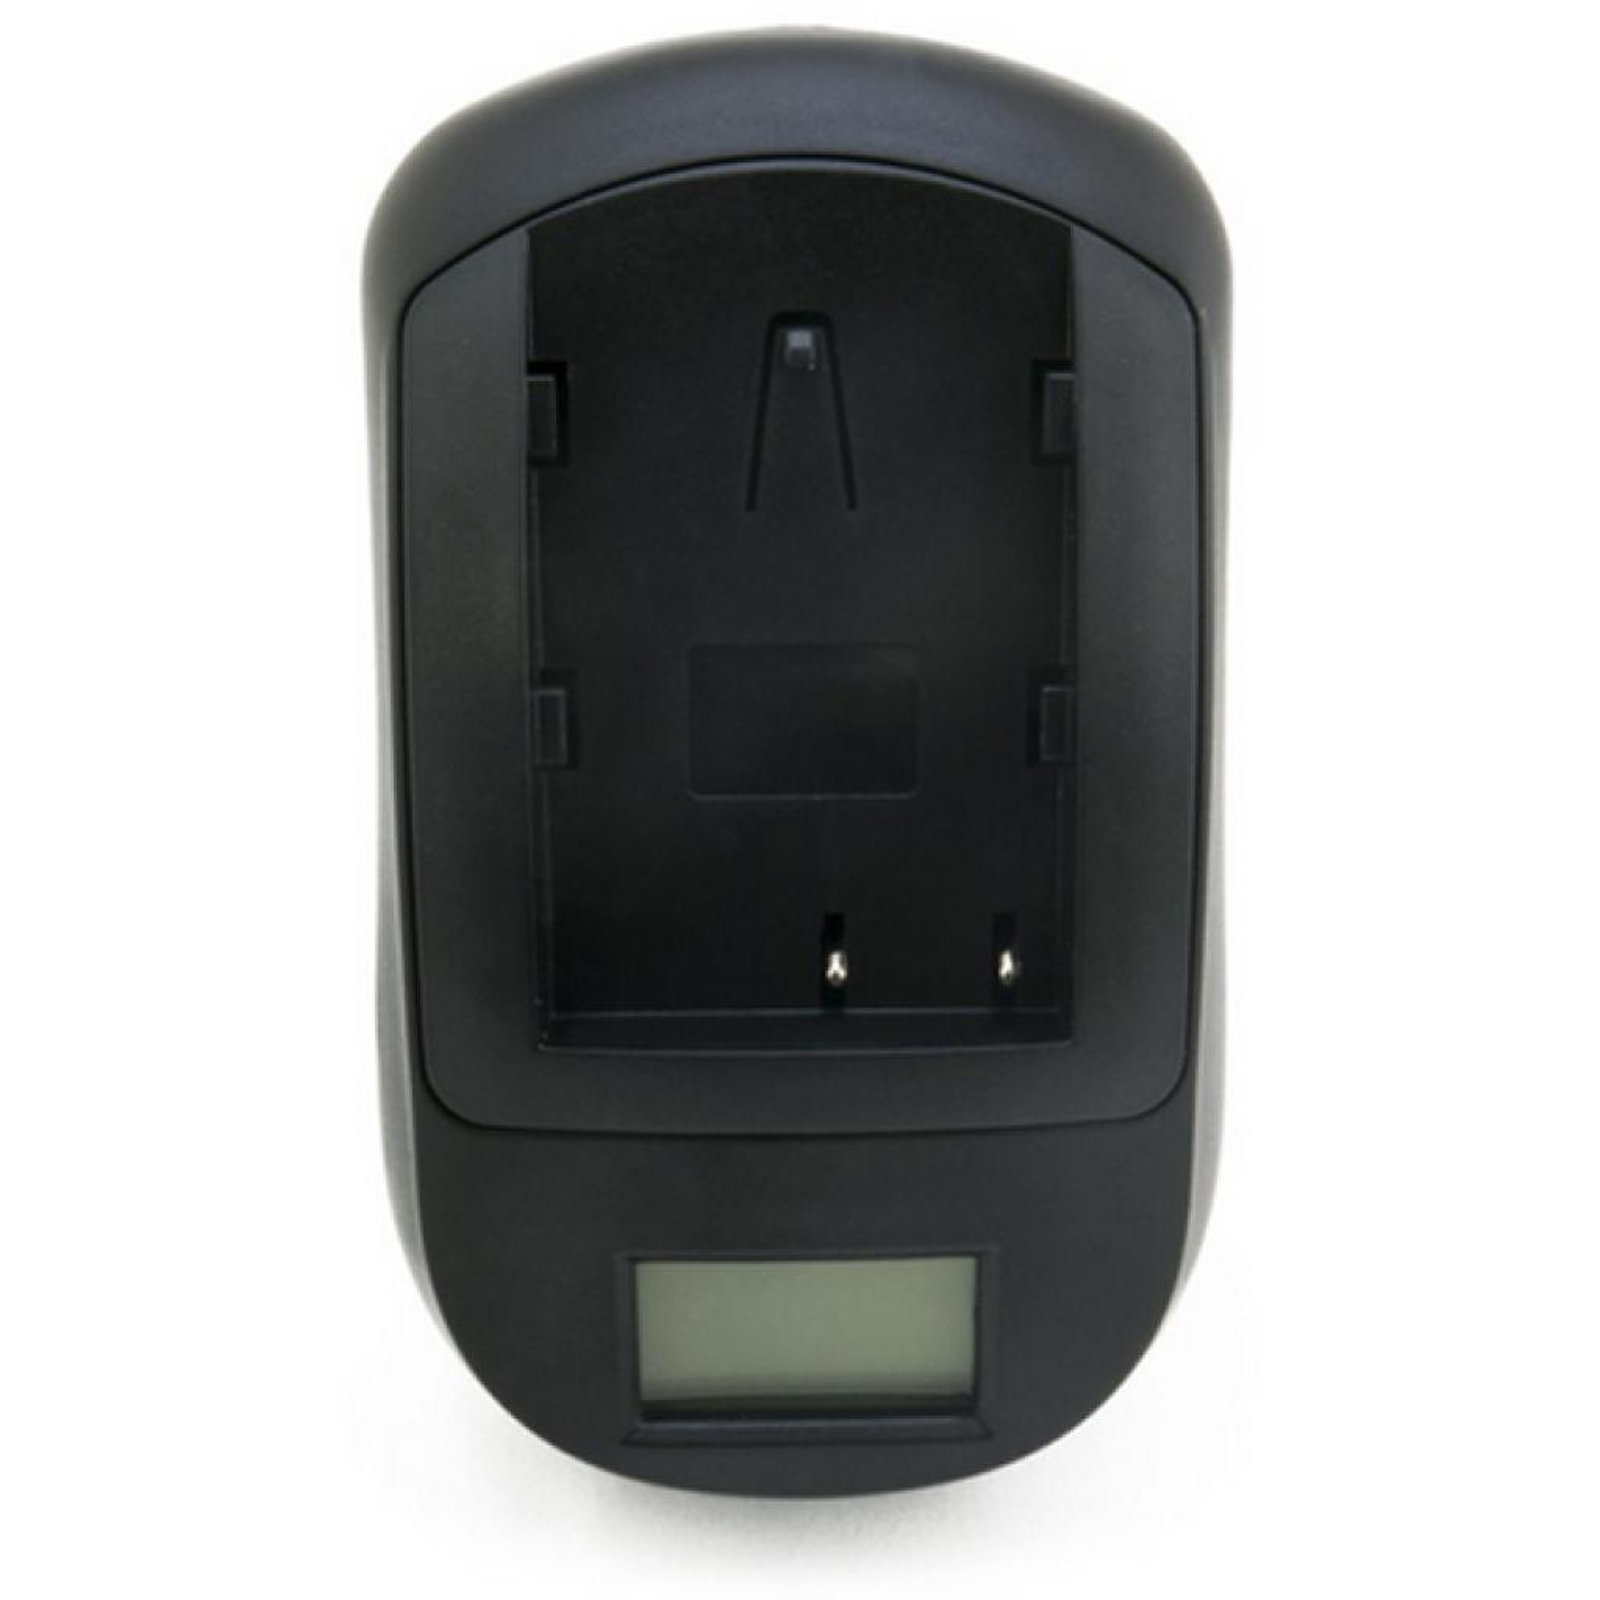 Зарядное устройство для фото EXTRADIGITAL DC-500 для Canon NB-11 (CHC5160) изображение 2